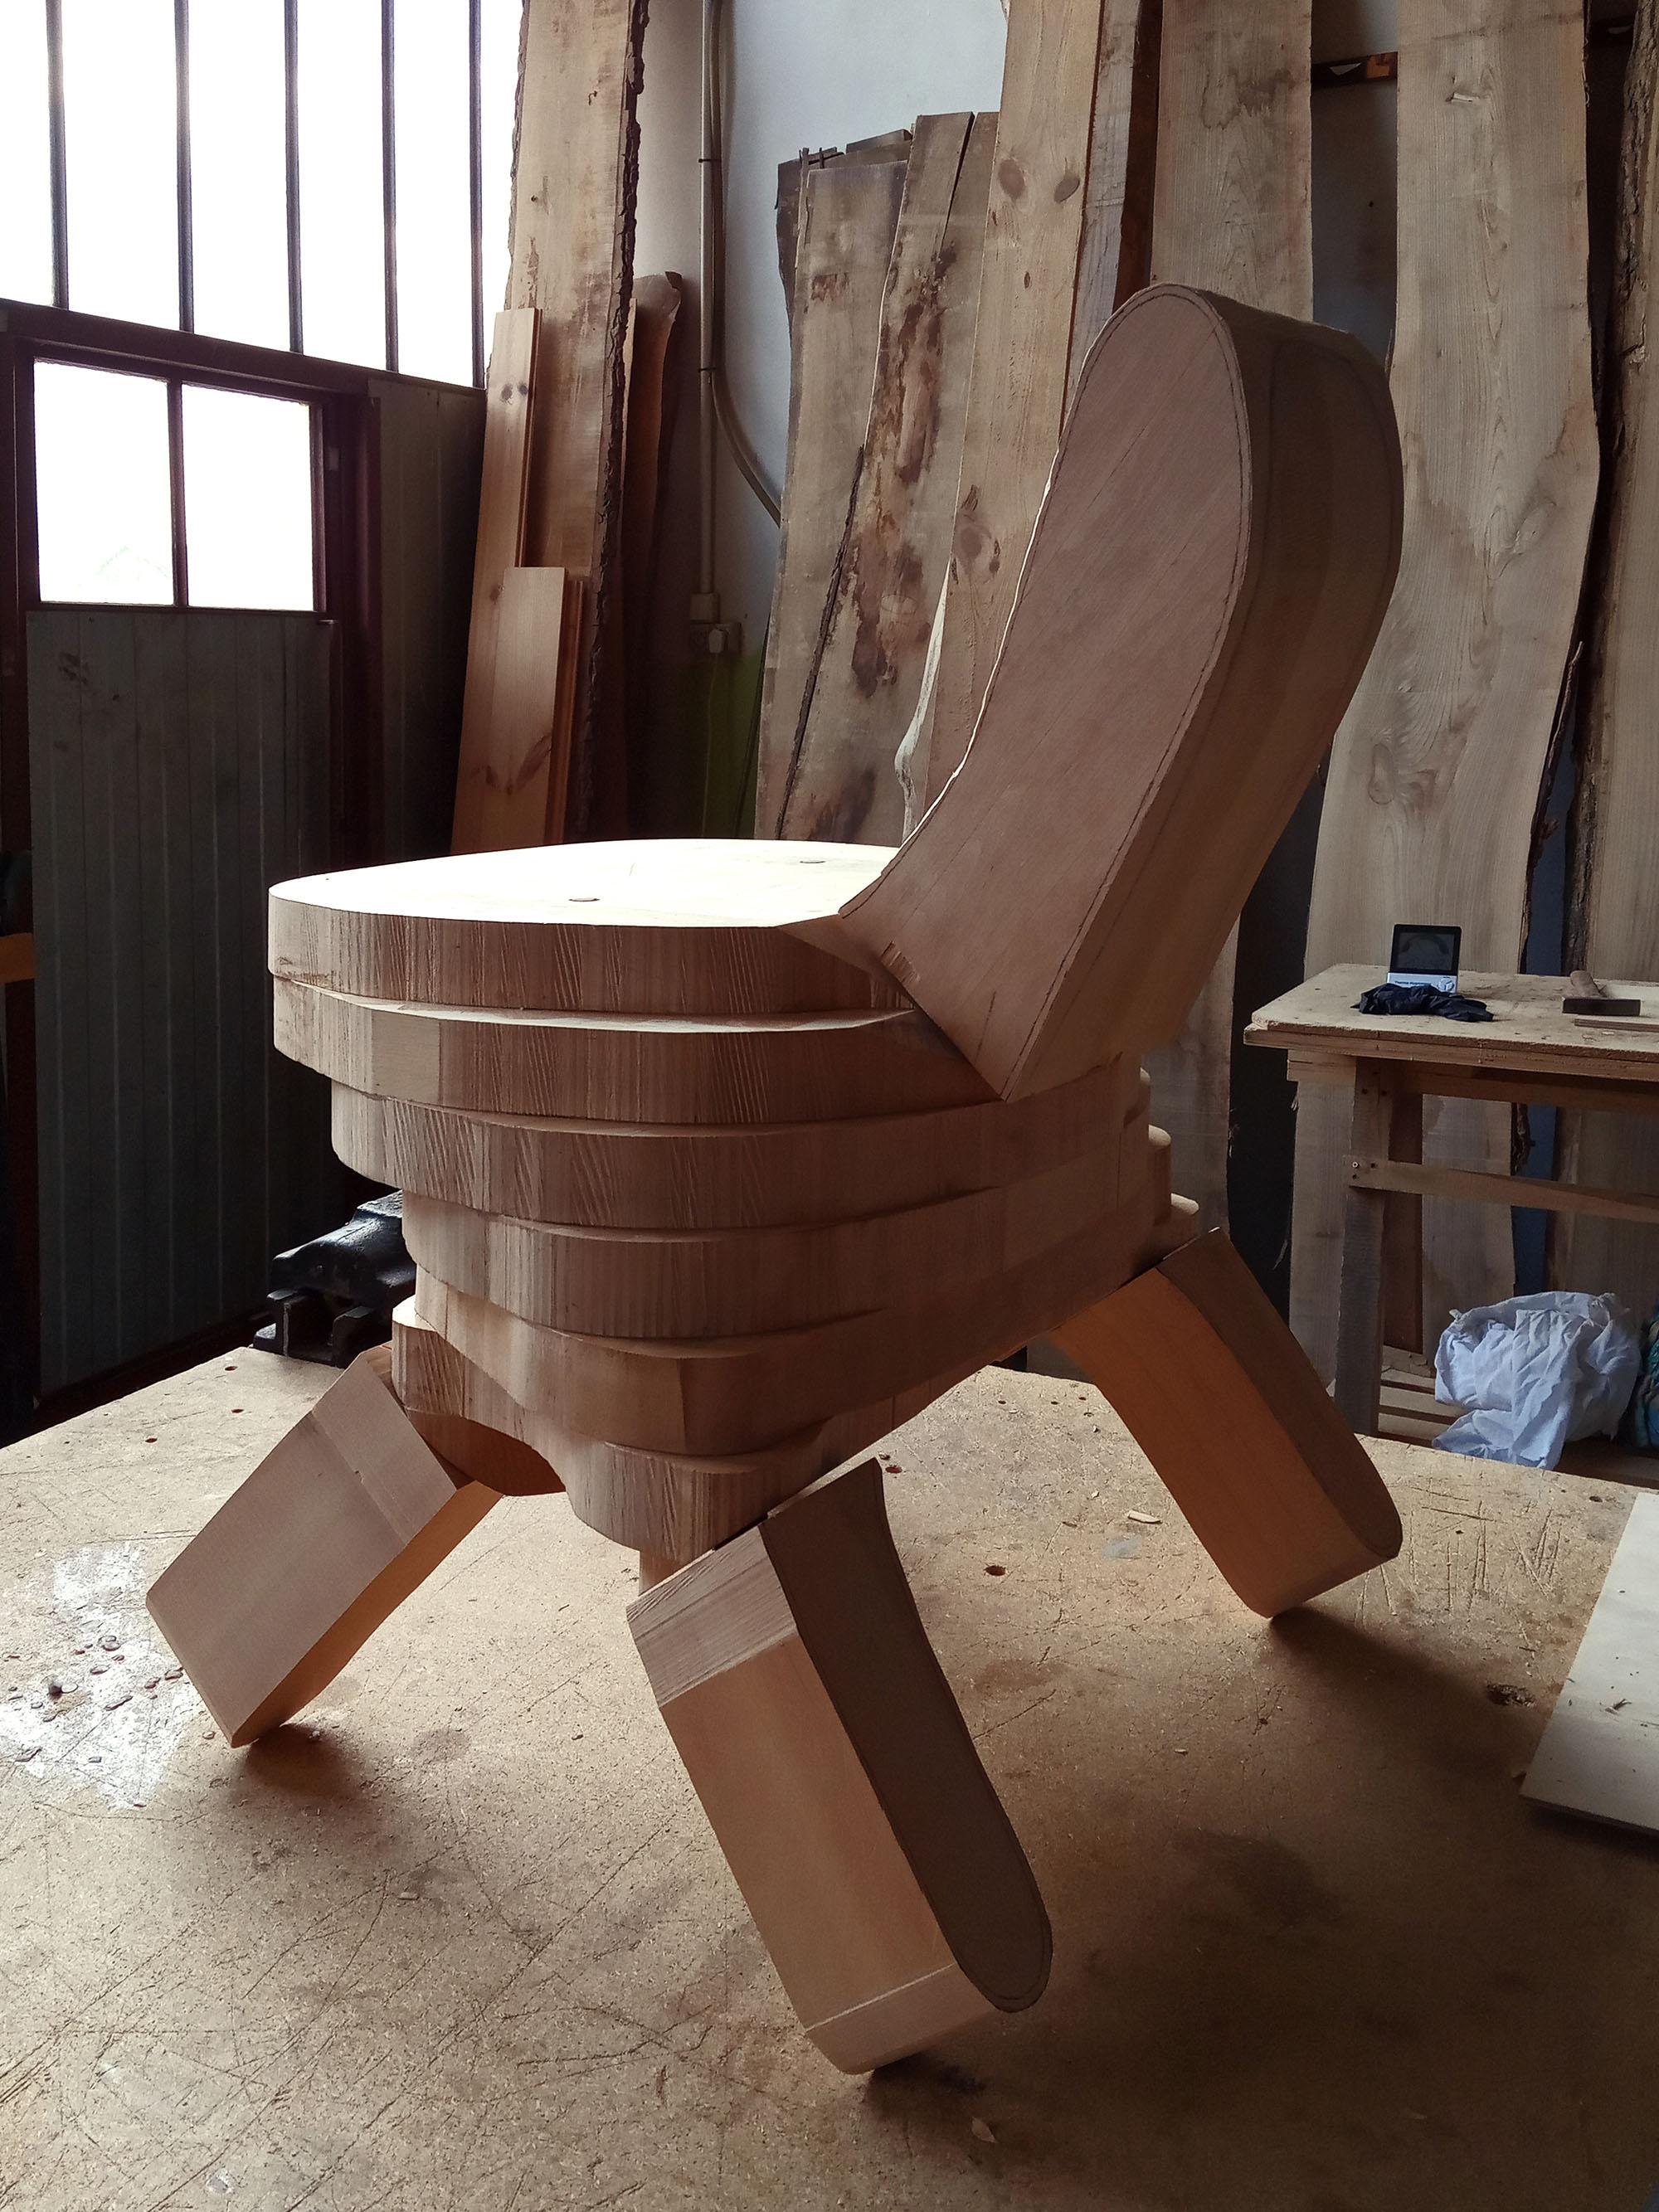 krzesło_w pracowni_09